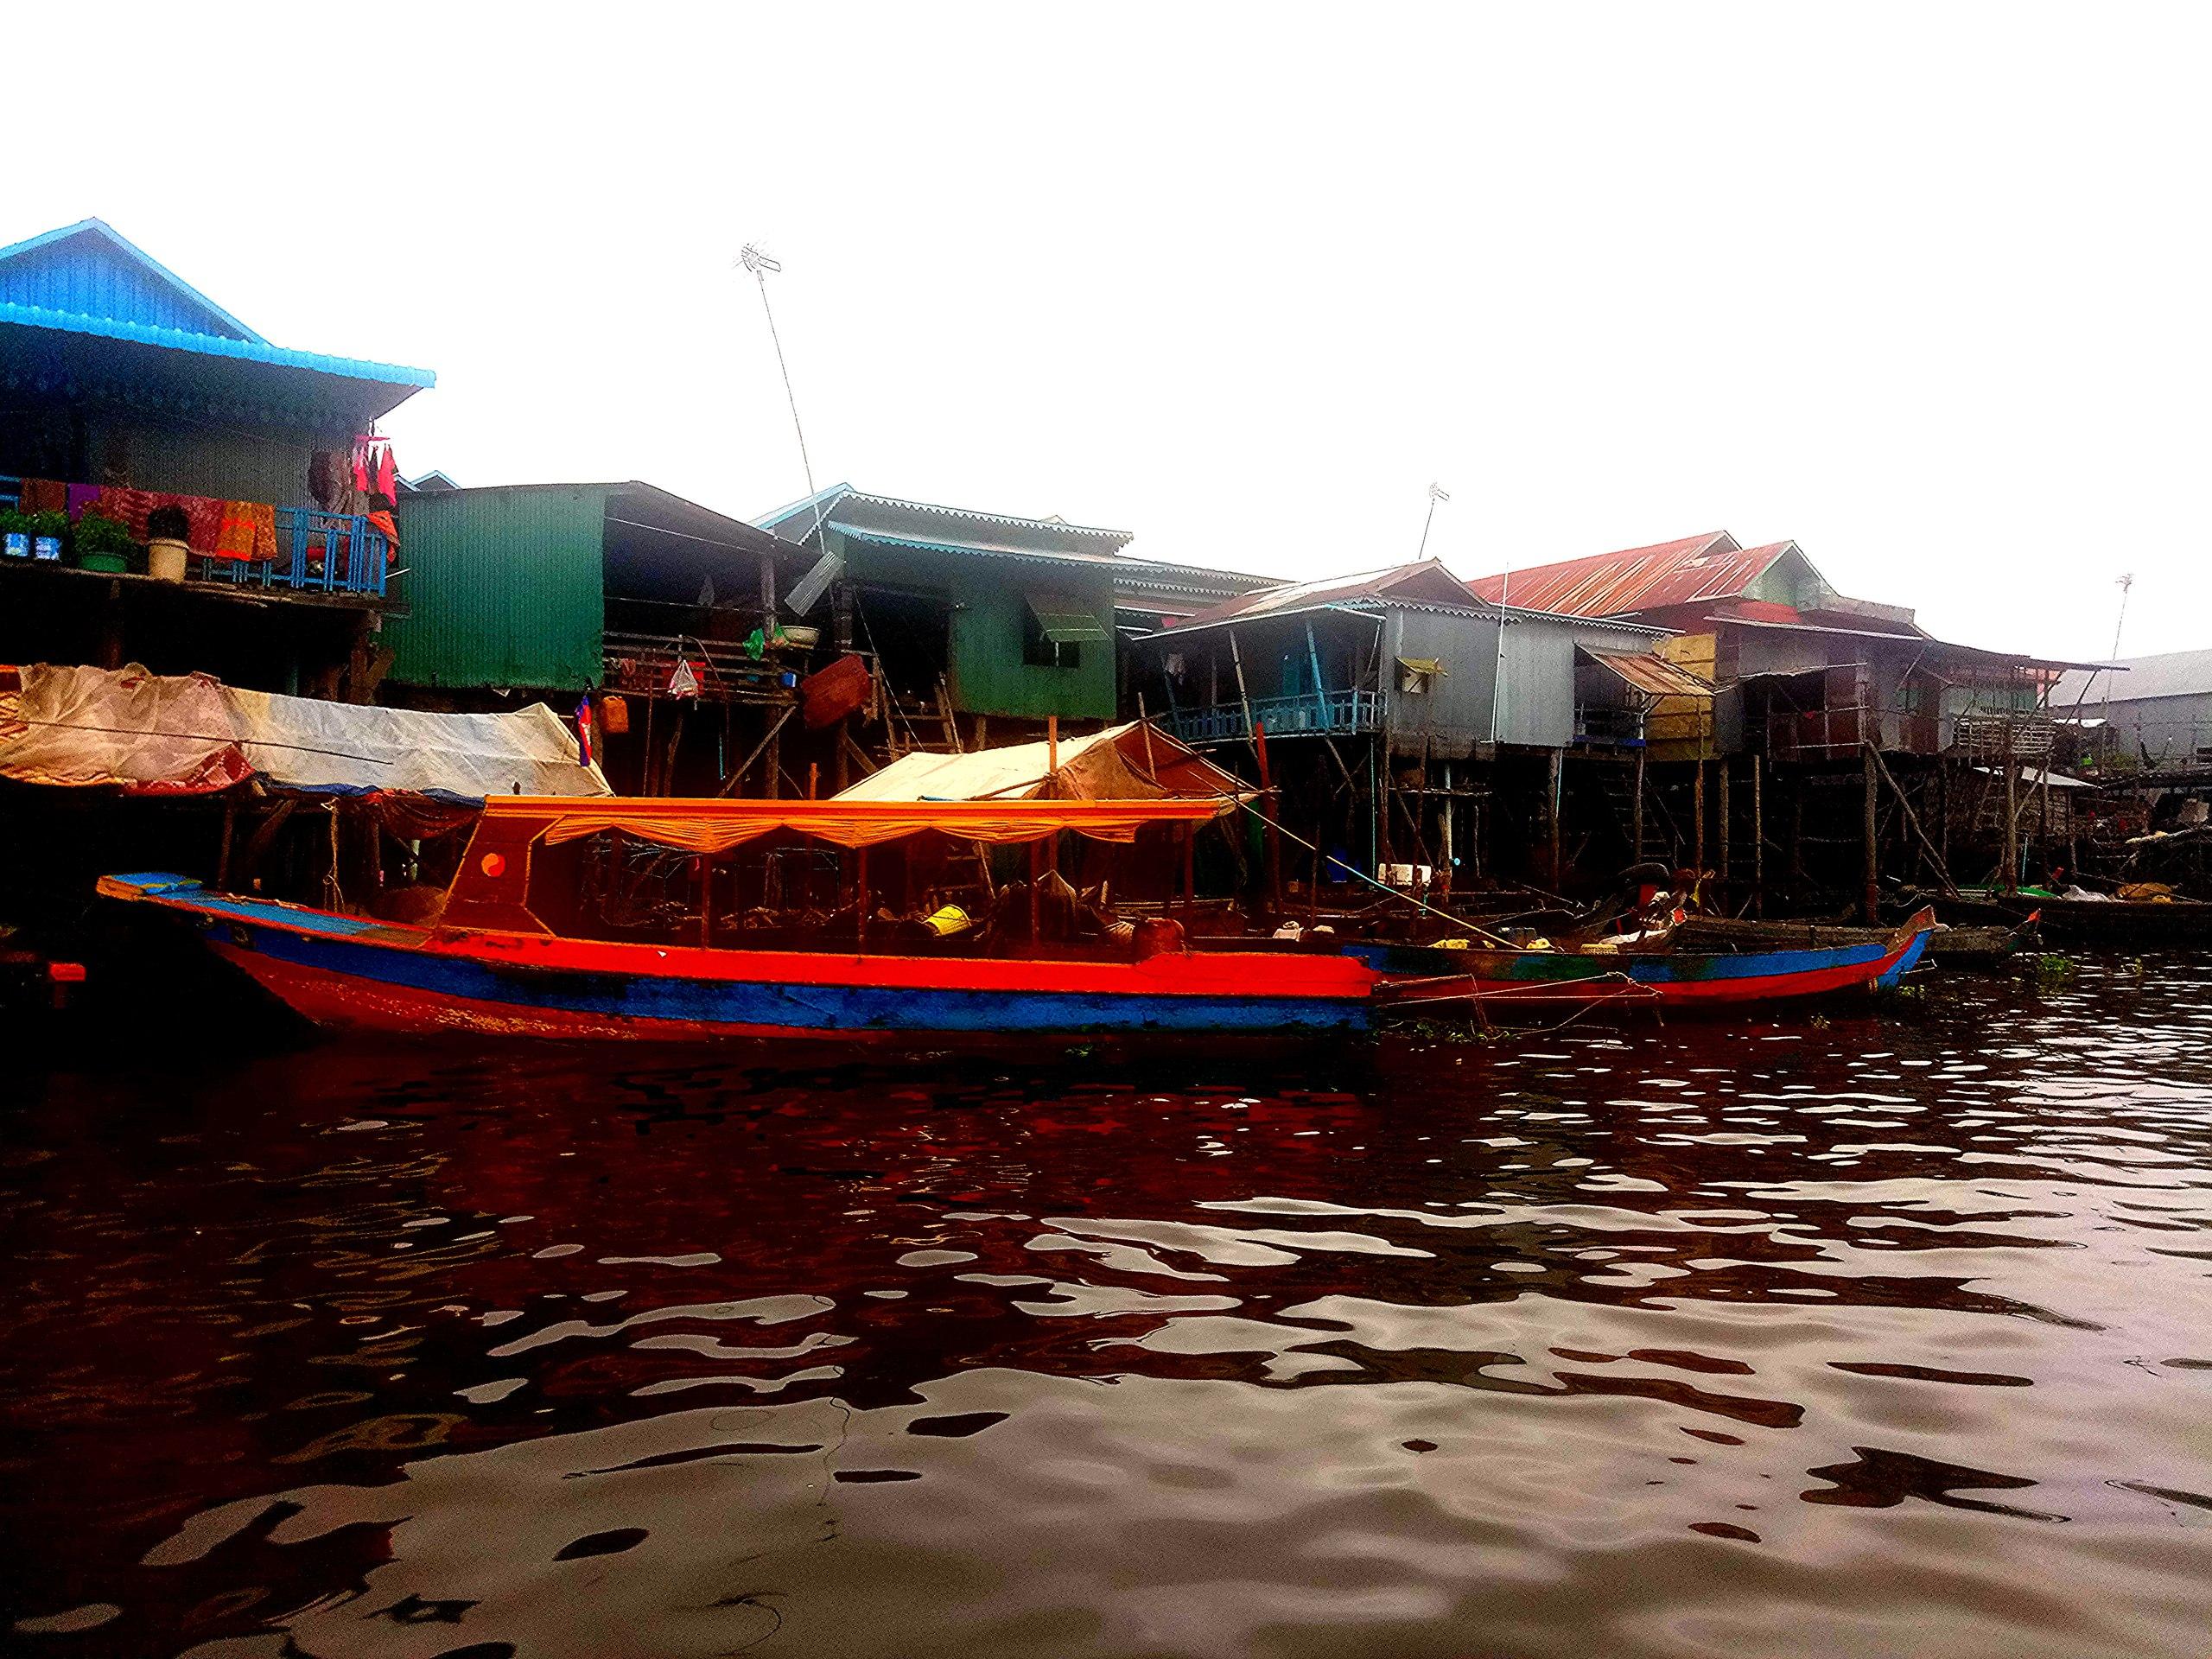 Сиамриап - Елена Руденко (Валтея). Камбоджа. Озеро Тонлесап. - Страница 2 3itdHs1p0MQ